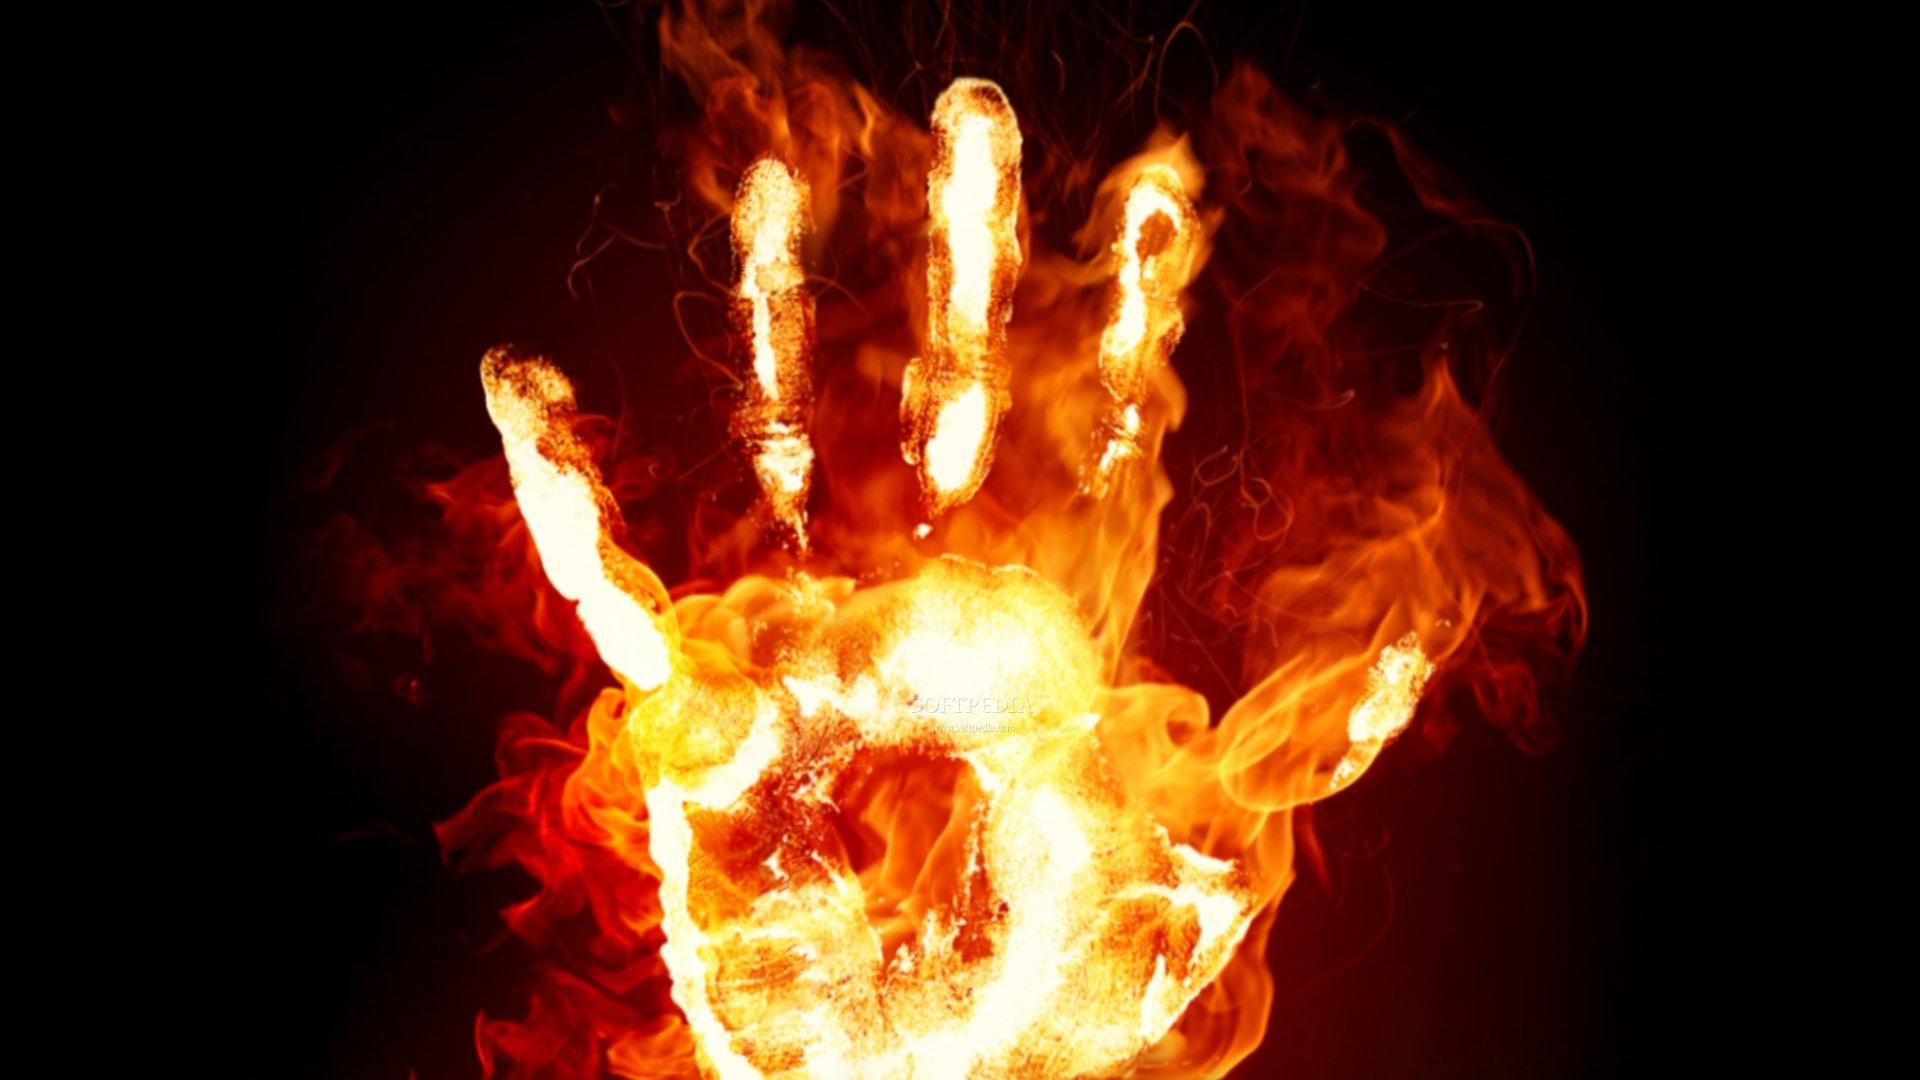 ¿Quien quiere vender su alma? Fire-Hands-Screensaver_1